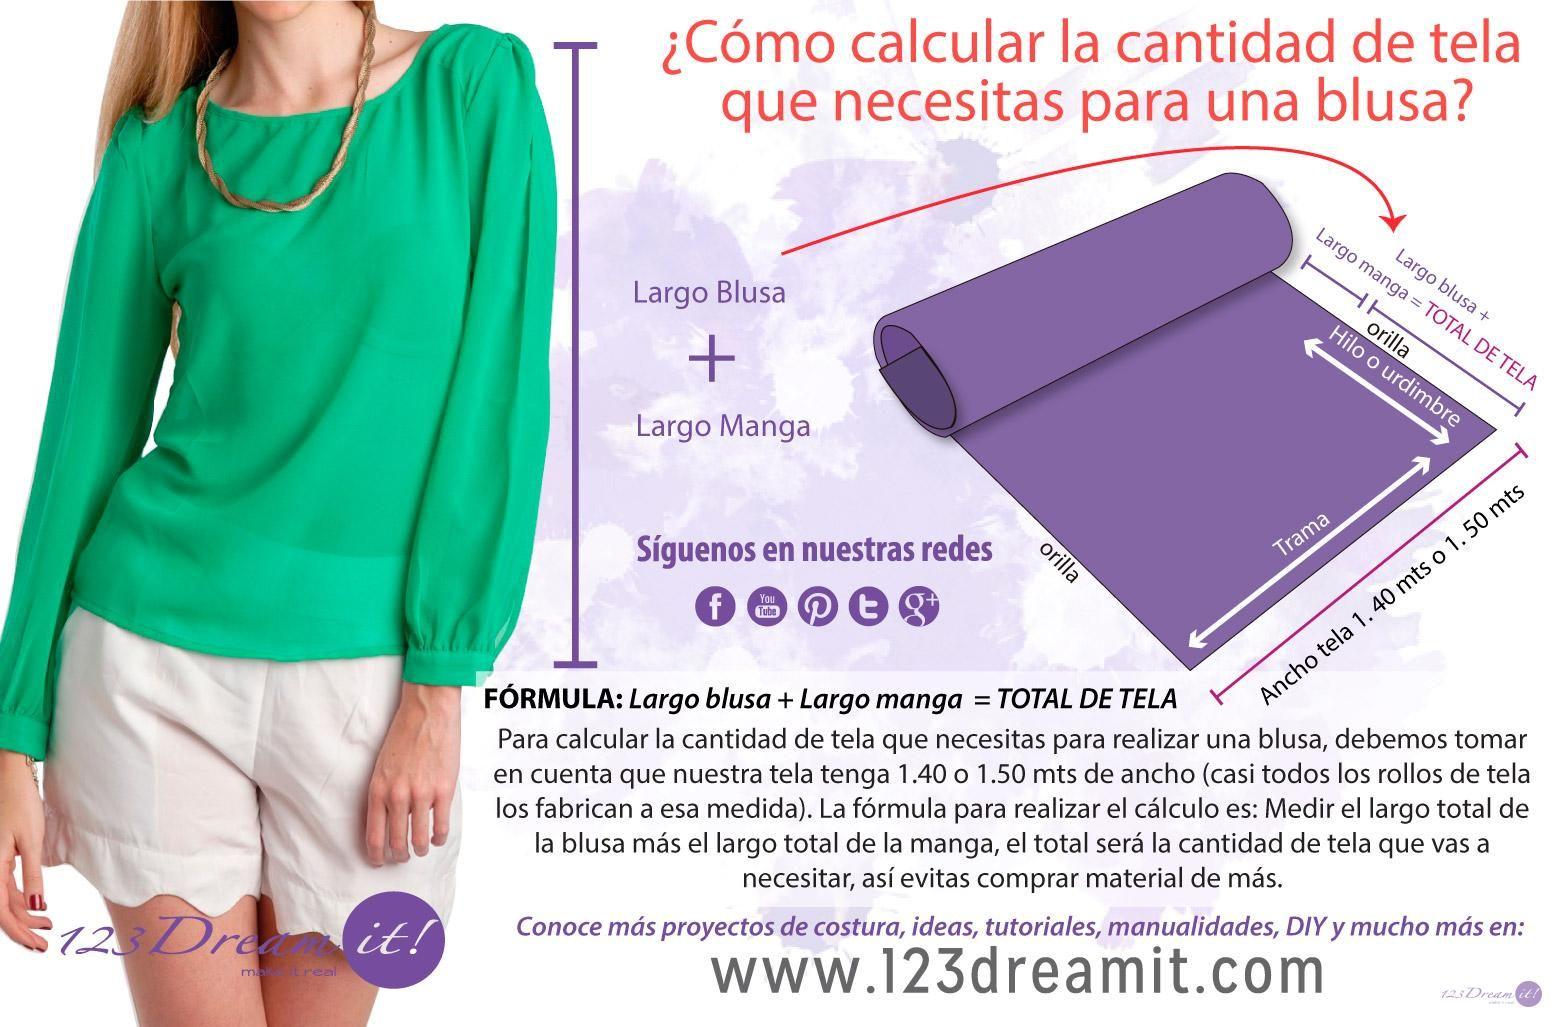 bae362d05 Para calcular cuanta tela necesitas para hacer una blusa, es muy sencillo  usando esta técnica. Debes tomar en cuenta escoger telas de 1.40 ó 1.50  mts. de ...